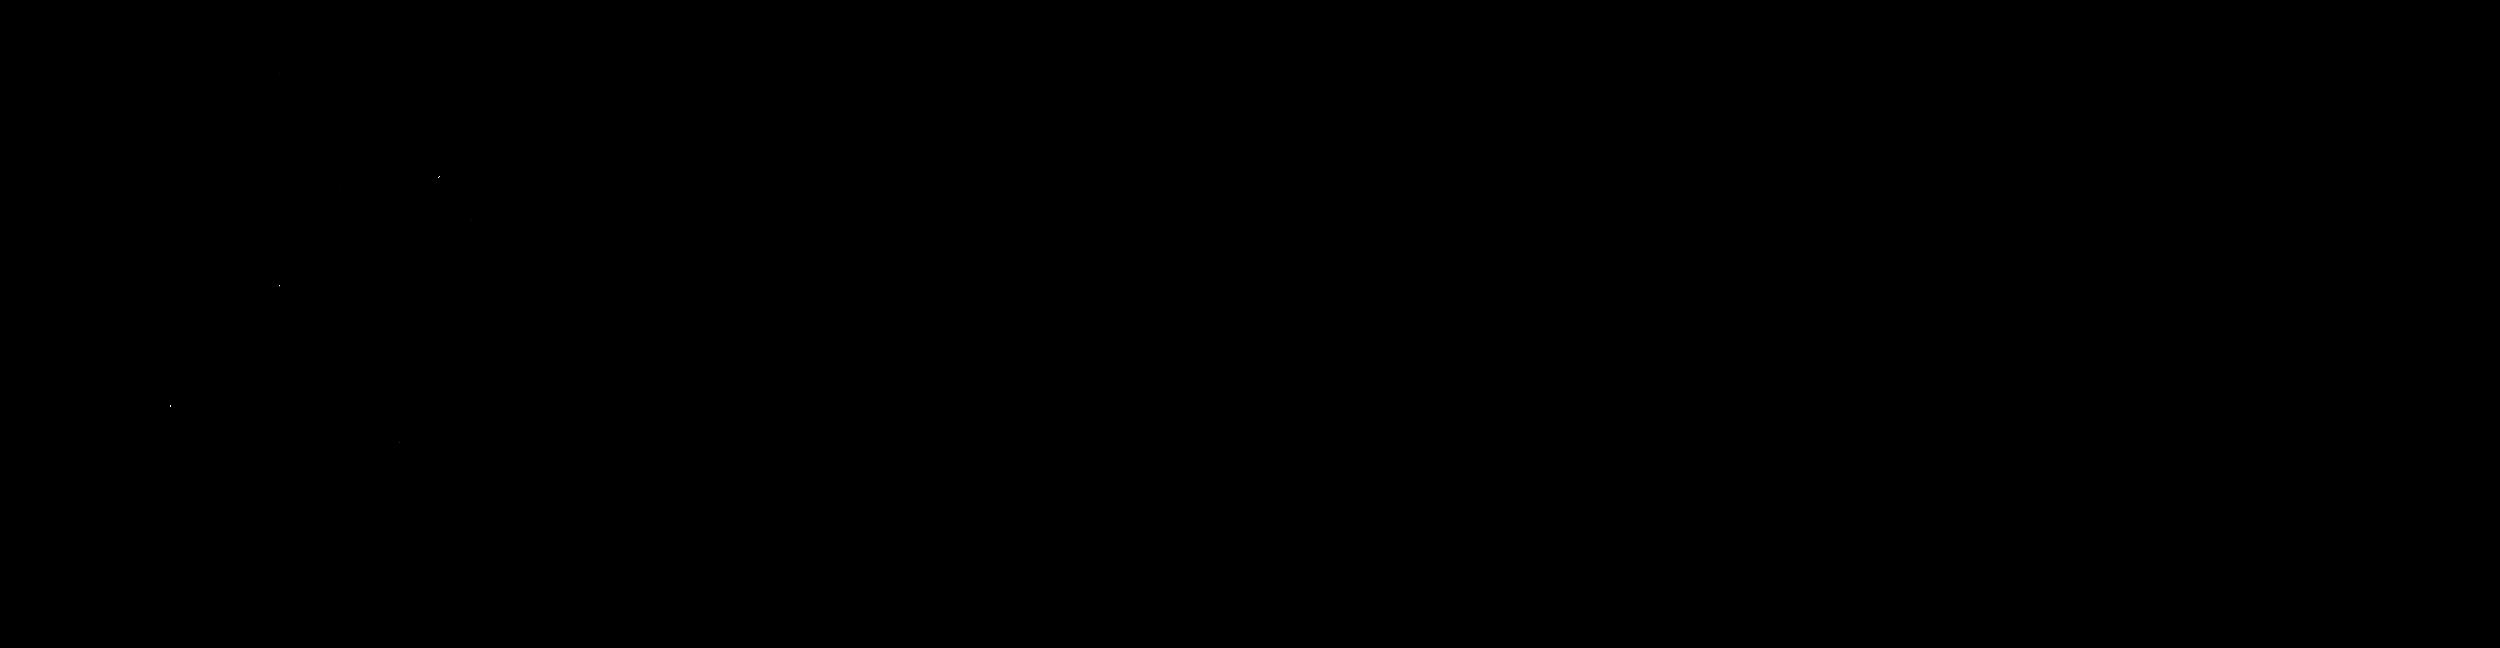 Rider_Sandals_logo copy.png